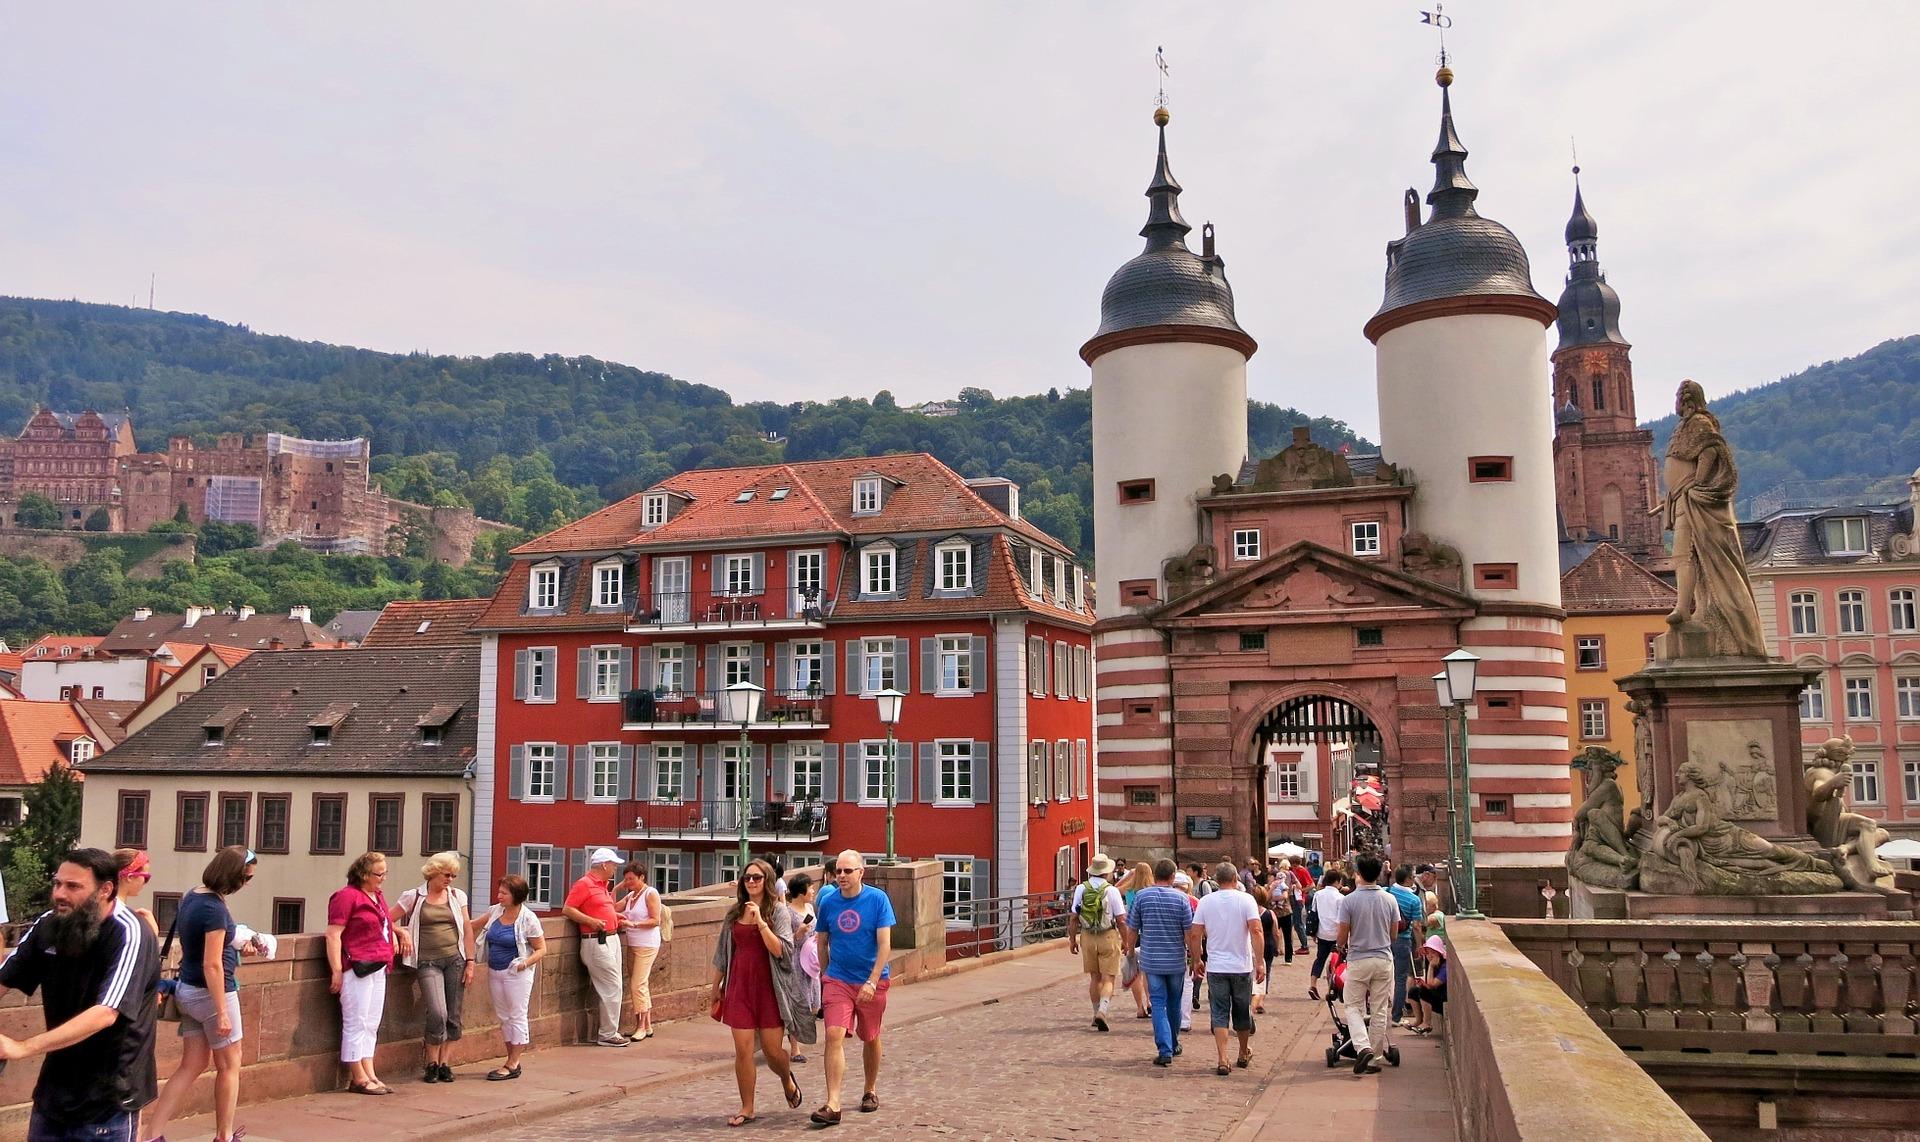 nao-e-caro-viajar-6-coisas-para-se-fazer-na-alemanha-germany